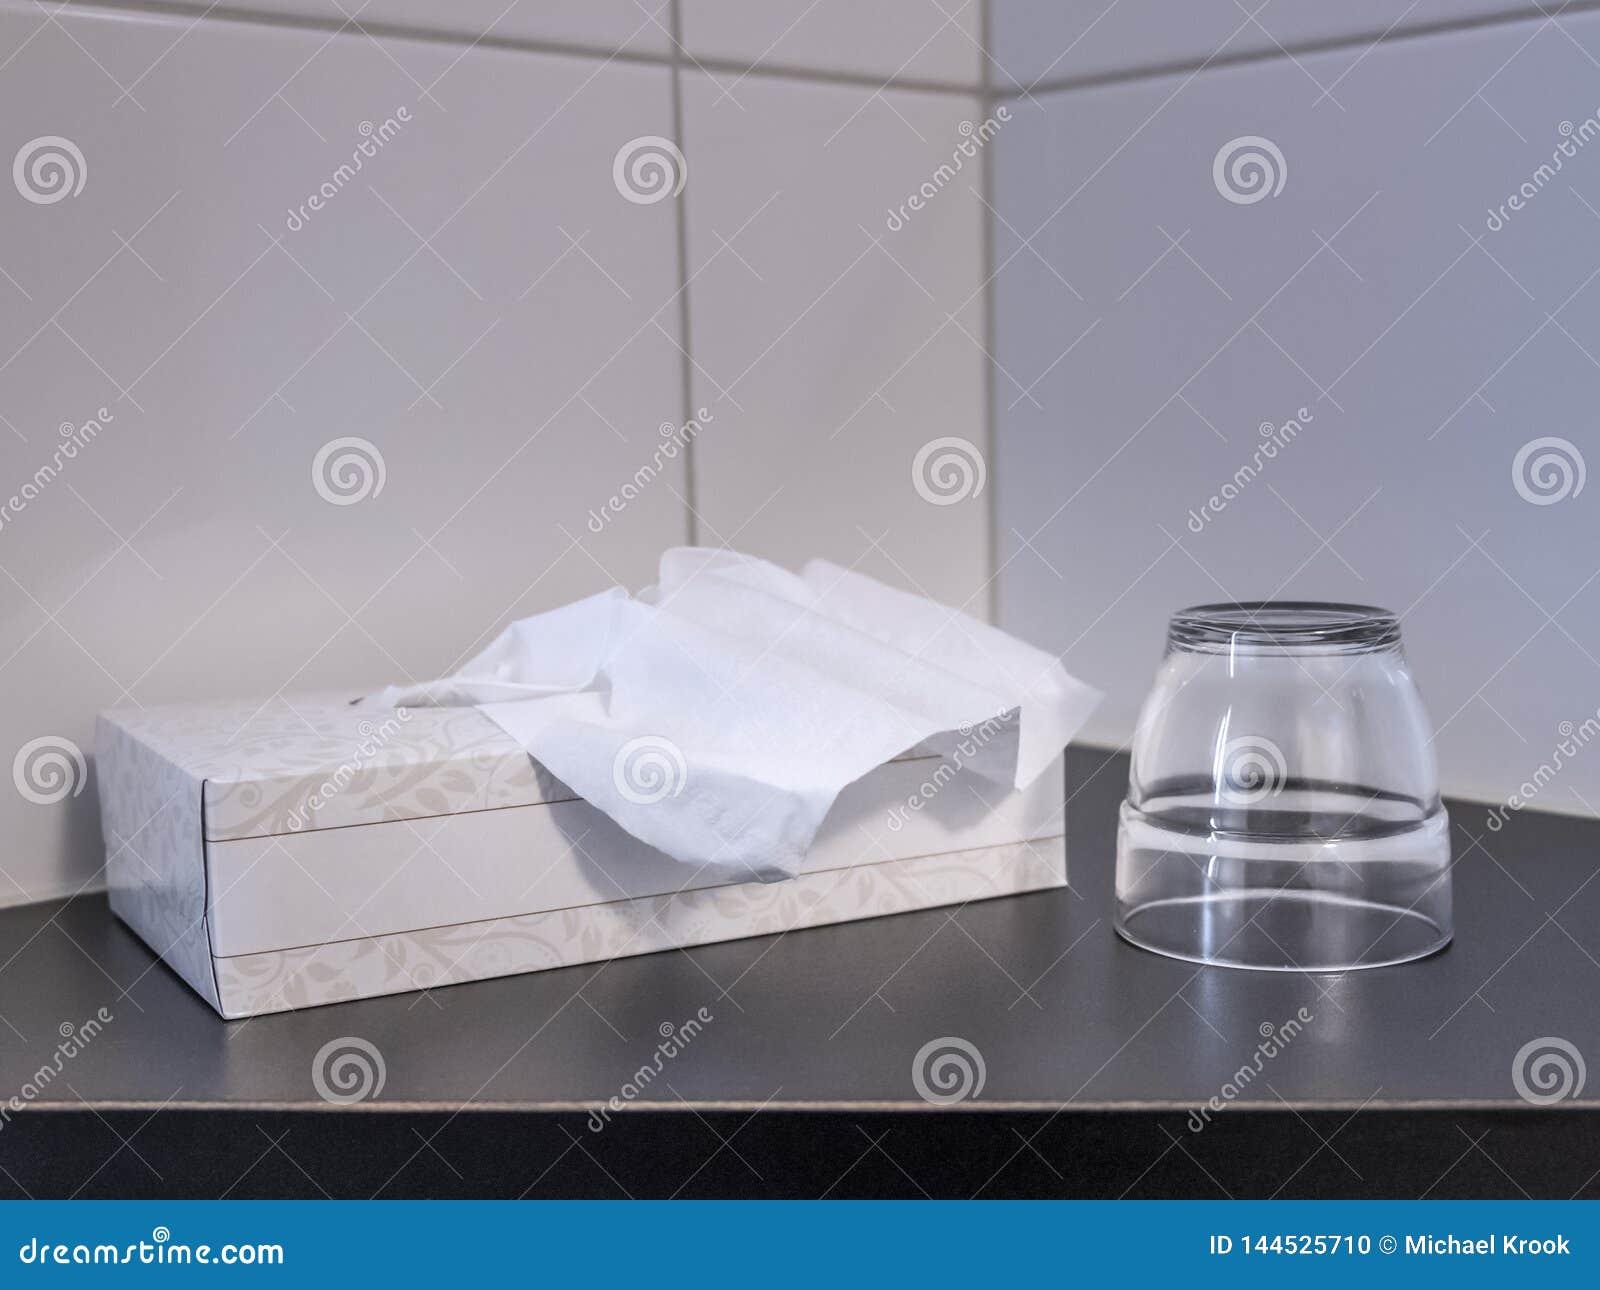 Un tissuebox y un vidrio